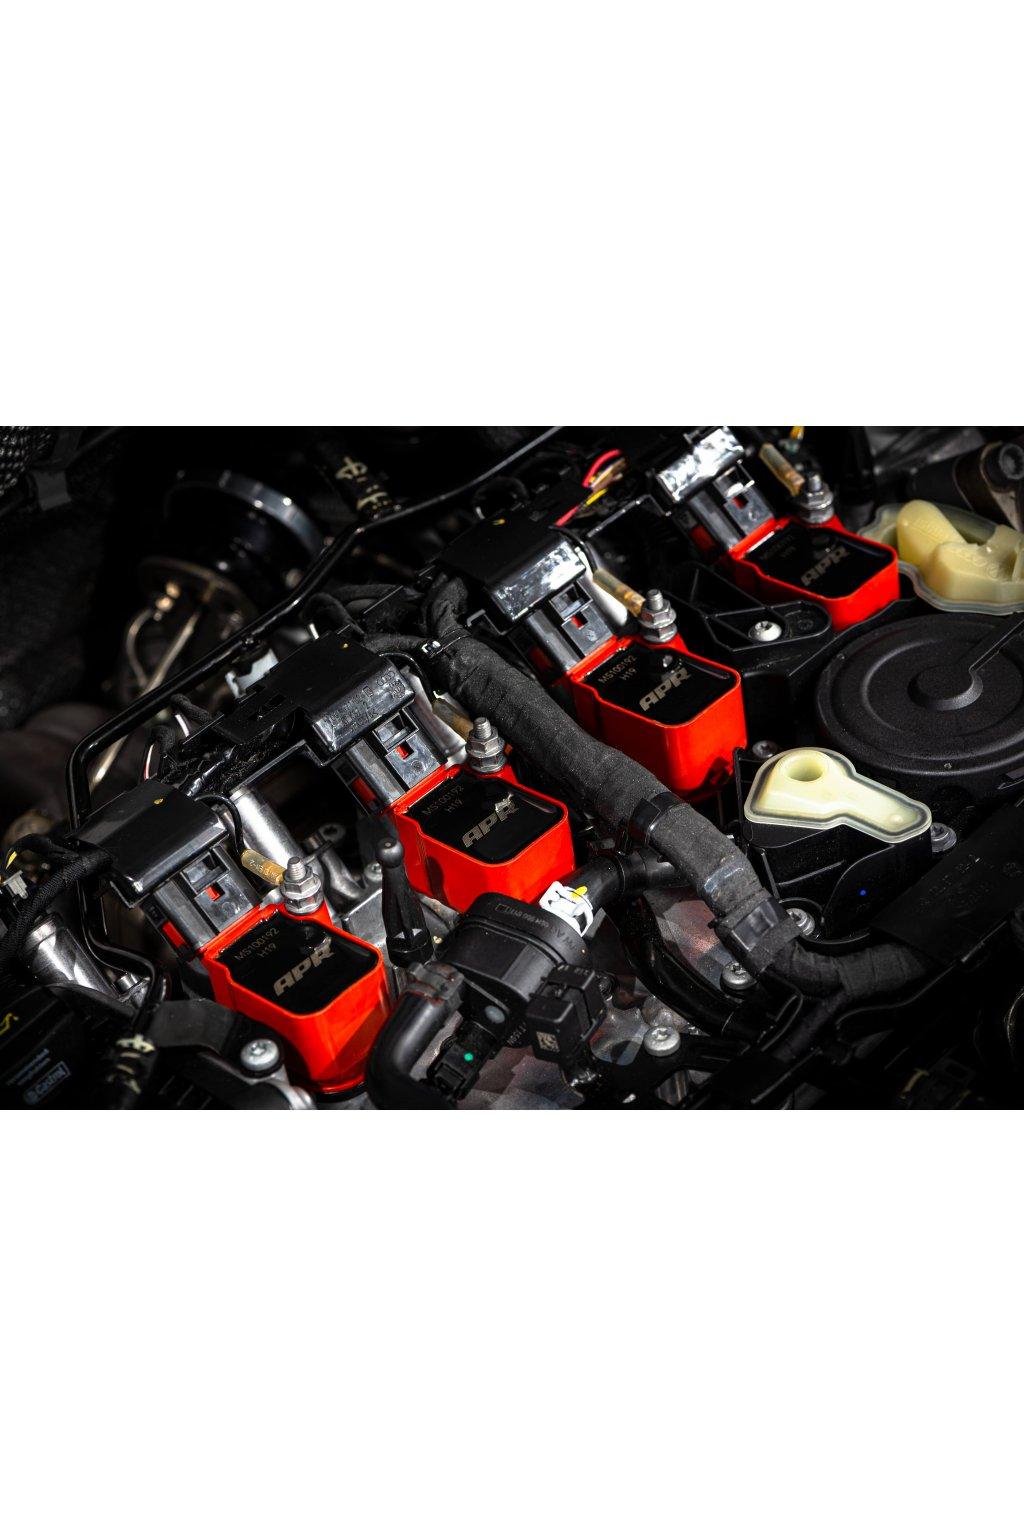 58077 21150 apr oil catch tank dq500 prevodovky audi rs3 8v ttrs 8s